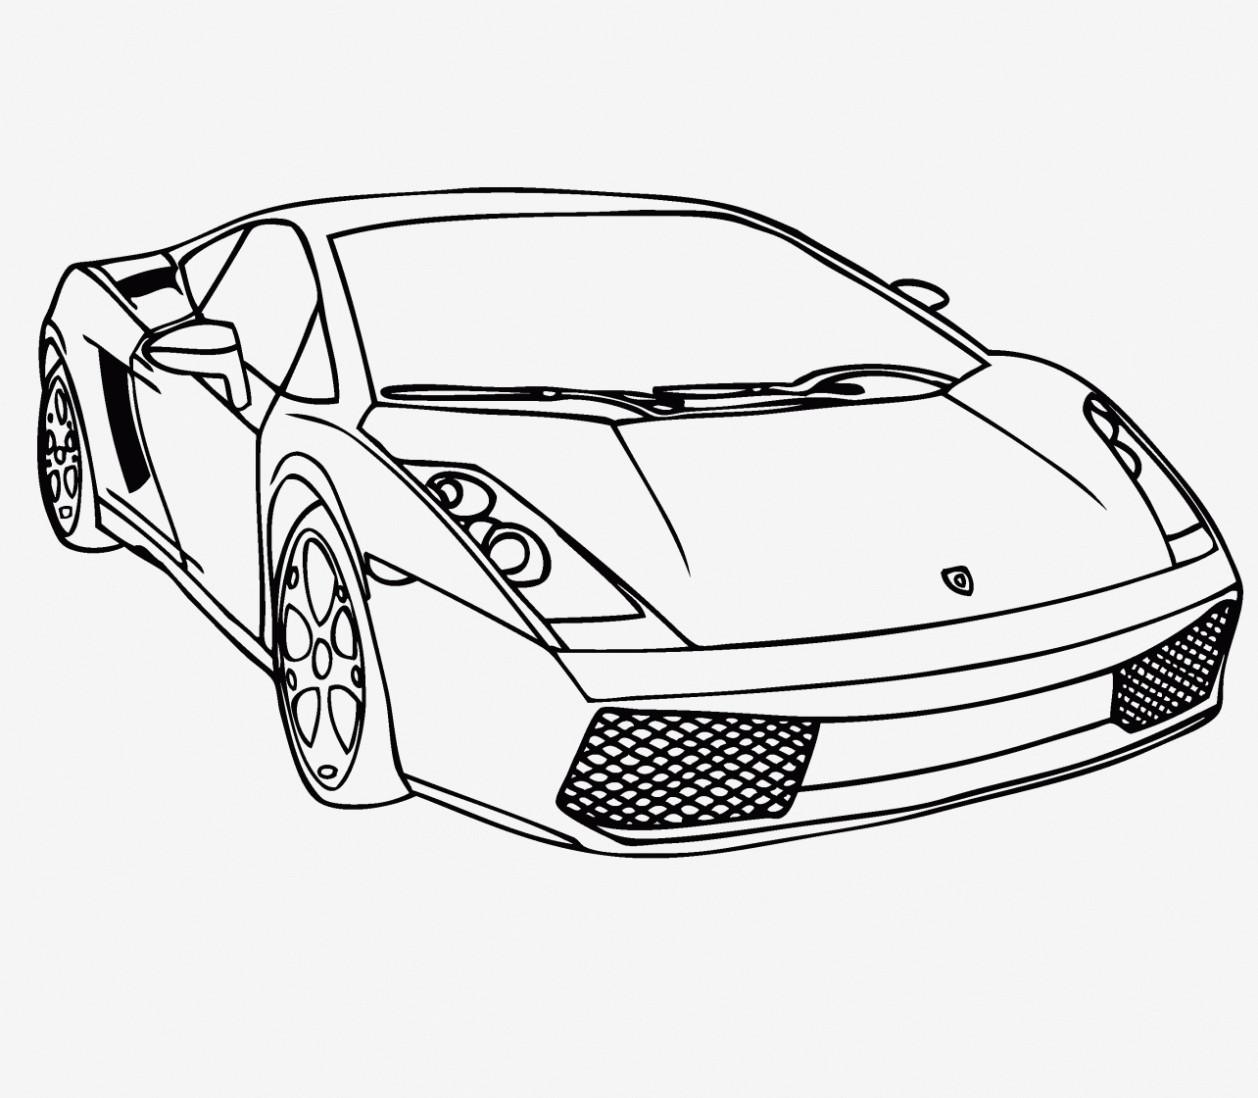 Lamborghini Zum Ausmalen Das Beste Von Autos Ausmalbilder Lernspiele Färbung Bilder Ausmalbilder Autos Bilder